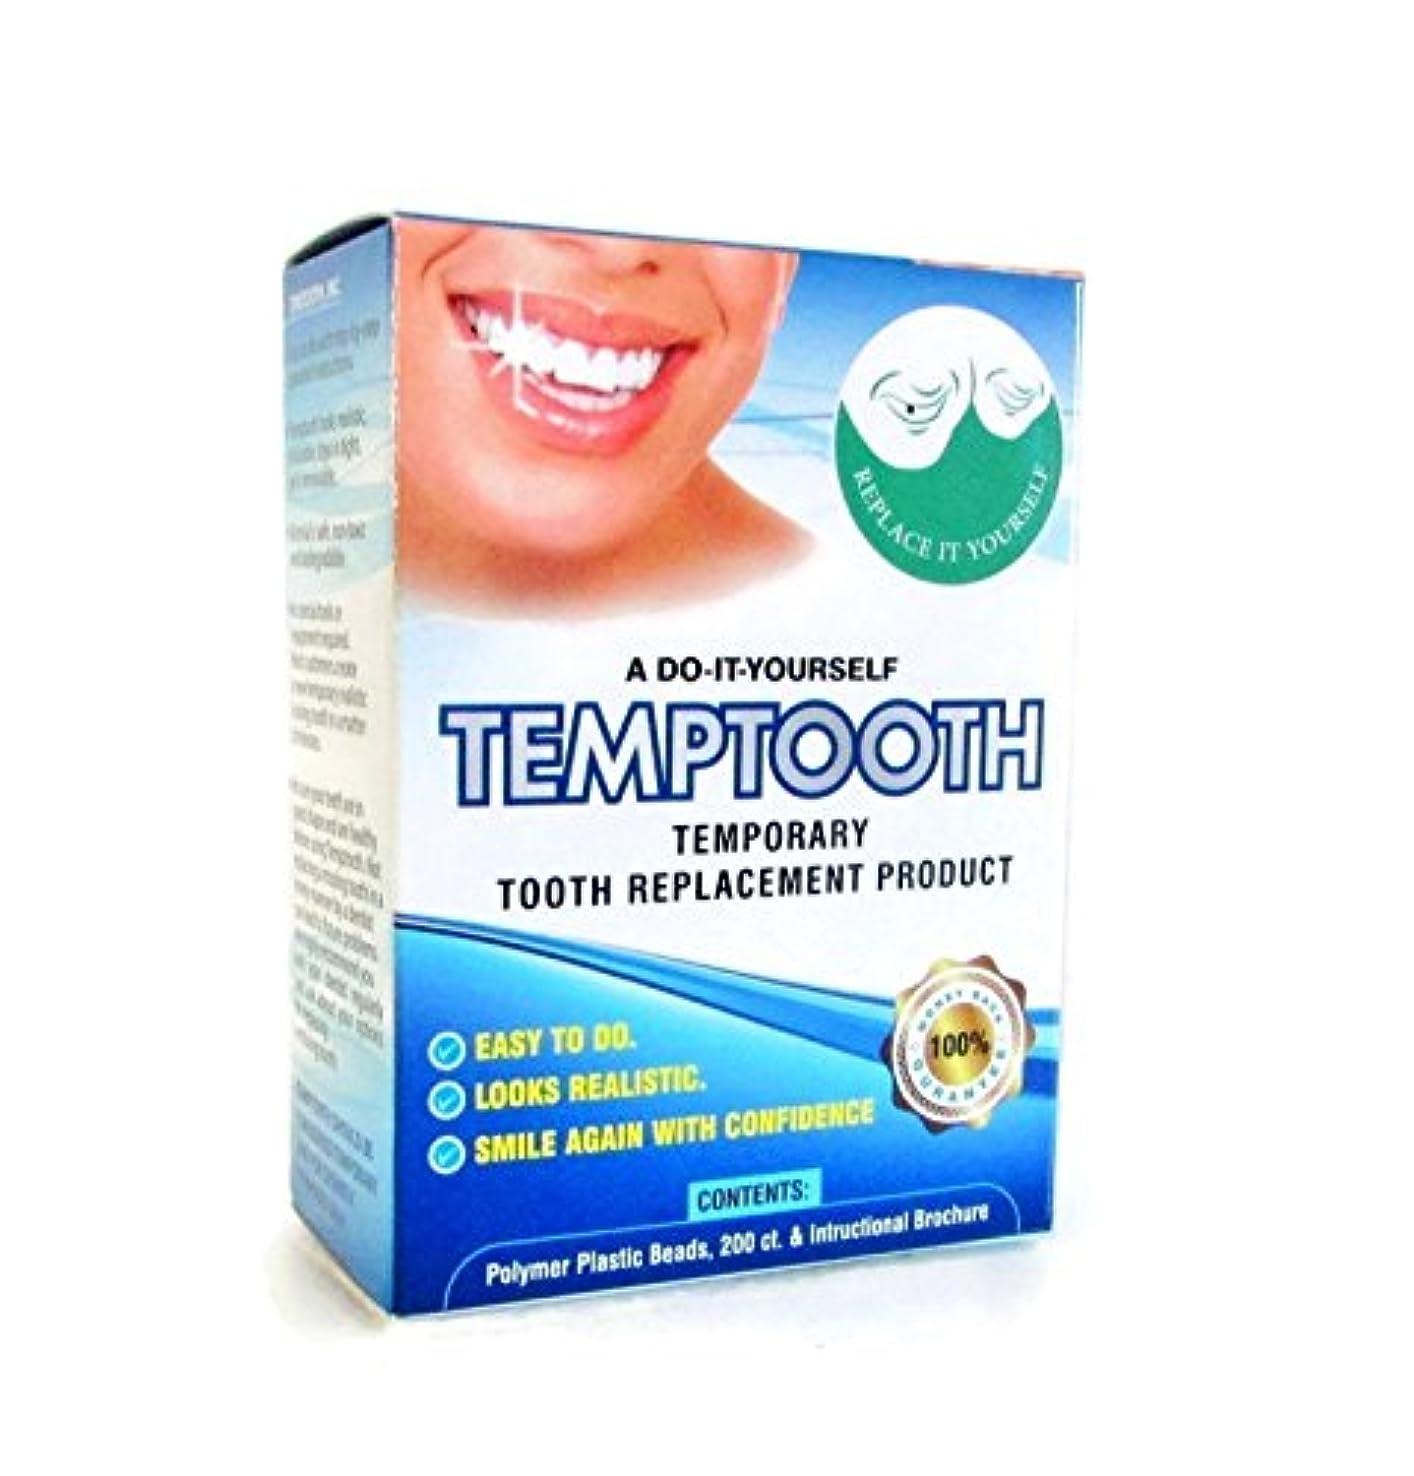 鳩ここに対応する自分で作るテンポラリー義歯/Temptooth Do It Yourself Tooth Replacement Product